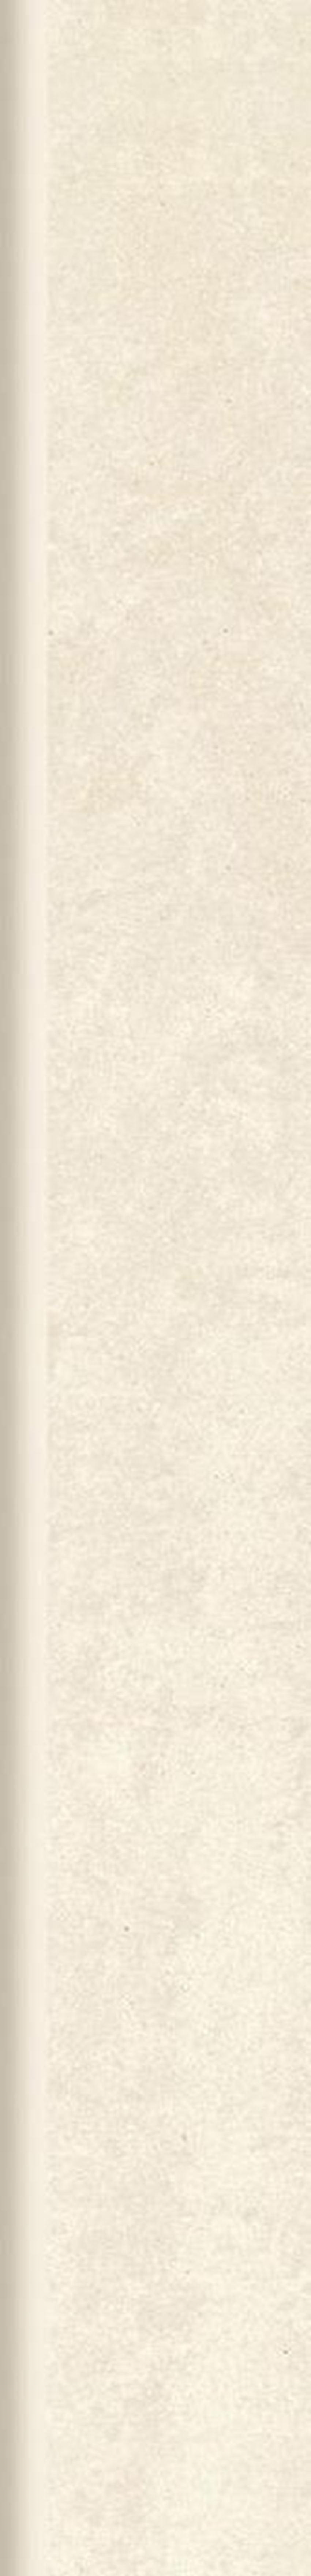 Dekoracja podłogowa Paradyż Doblo Bianco Cokół Poler